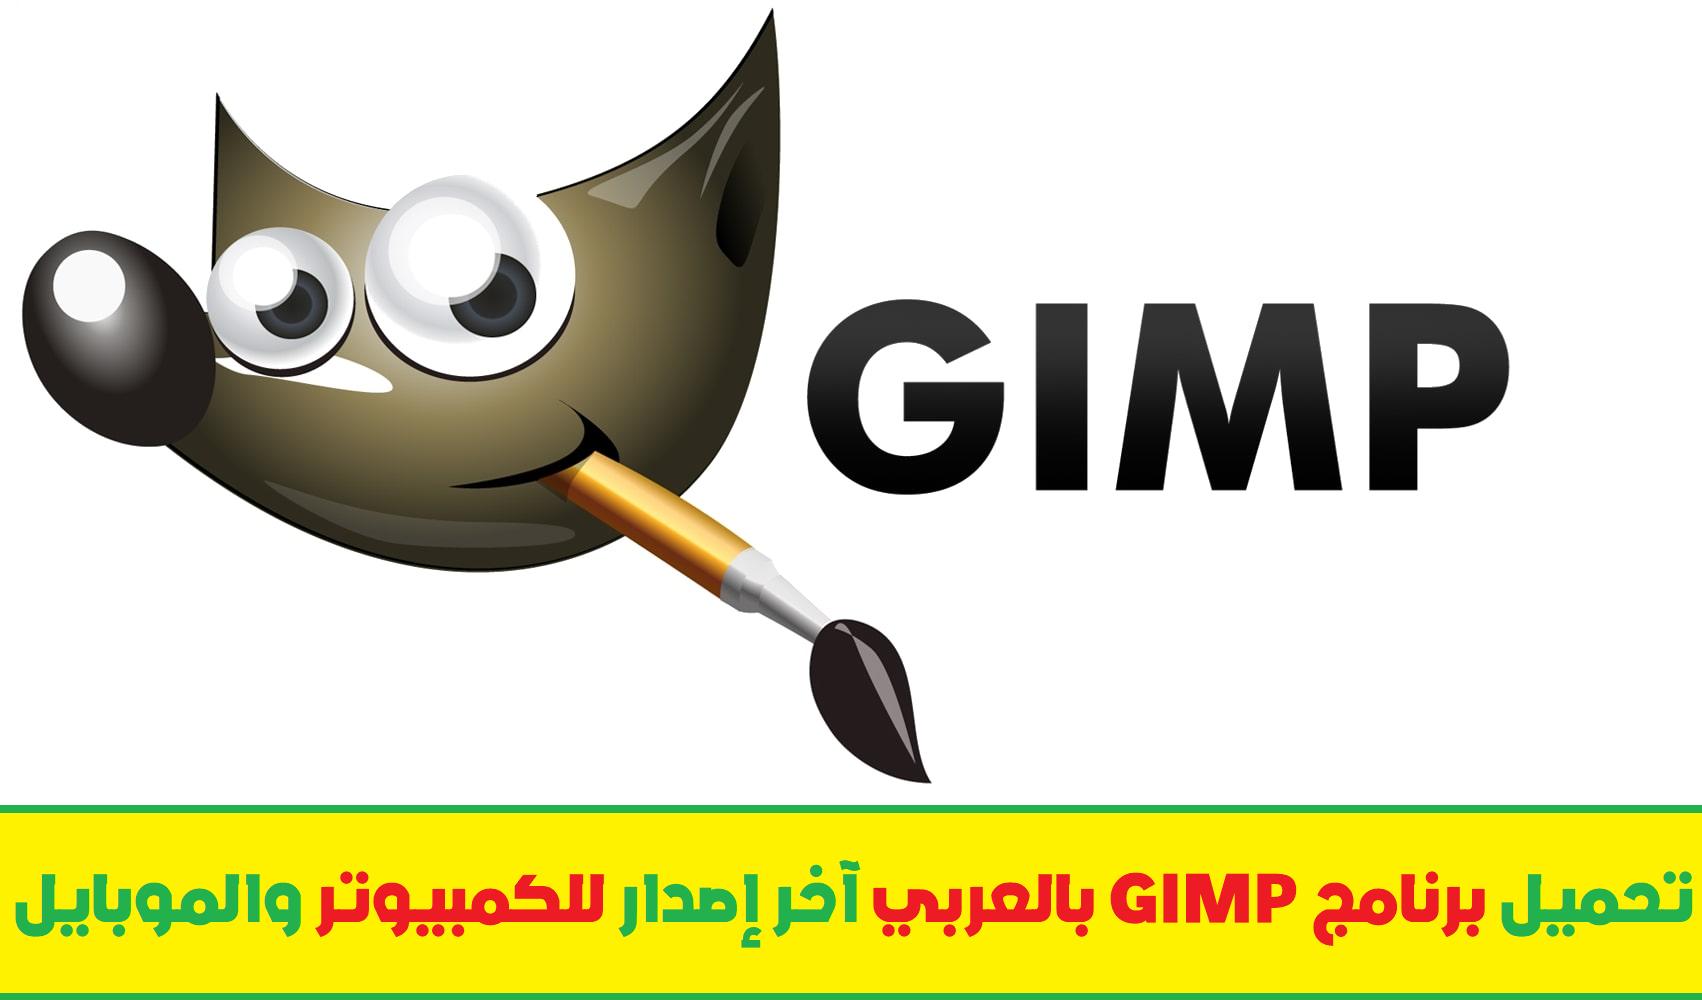 برنامج Gimp | أسهل برنامج مجاني (لتصميم والتعديل) علي الصور باحترافية عالية